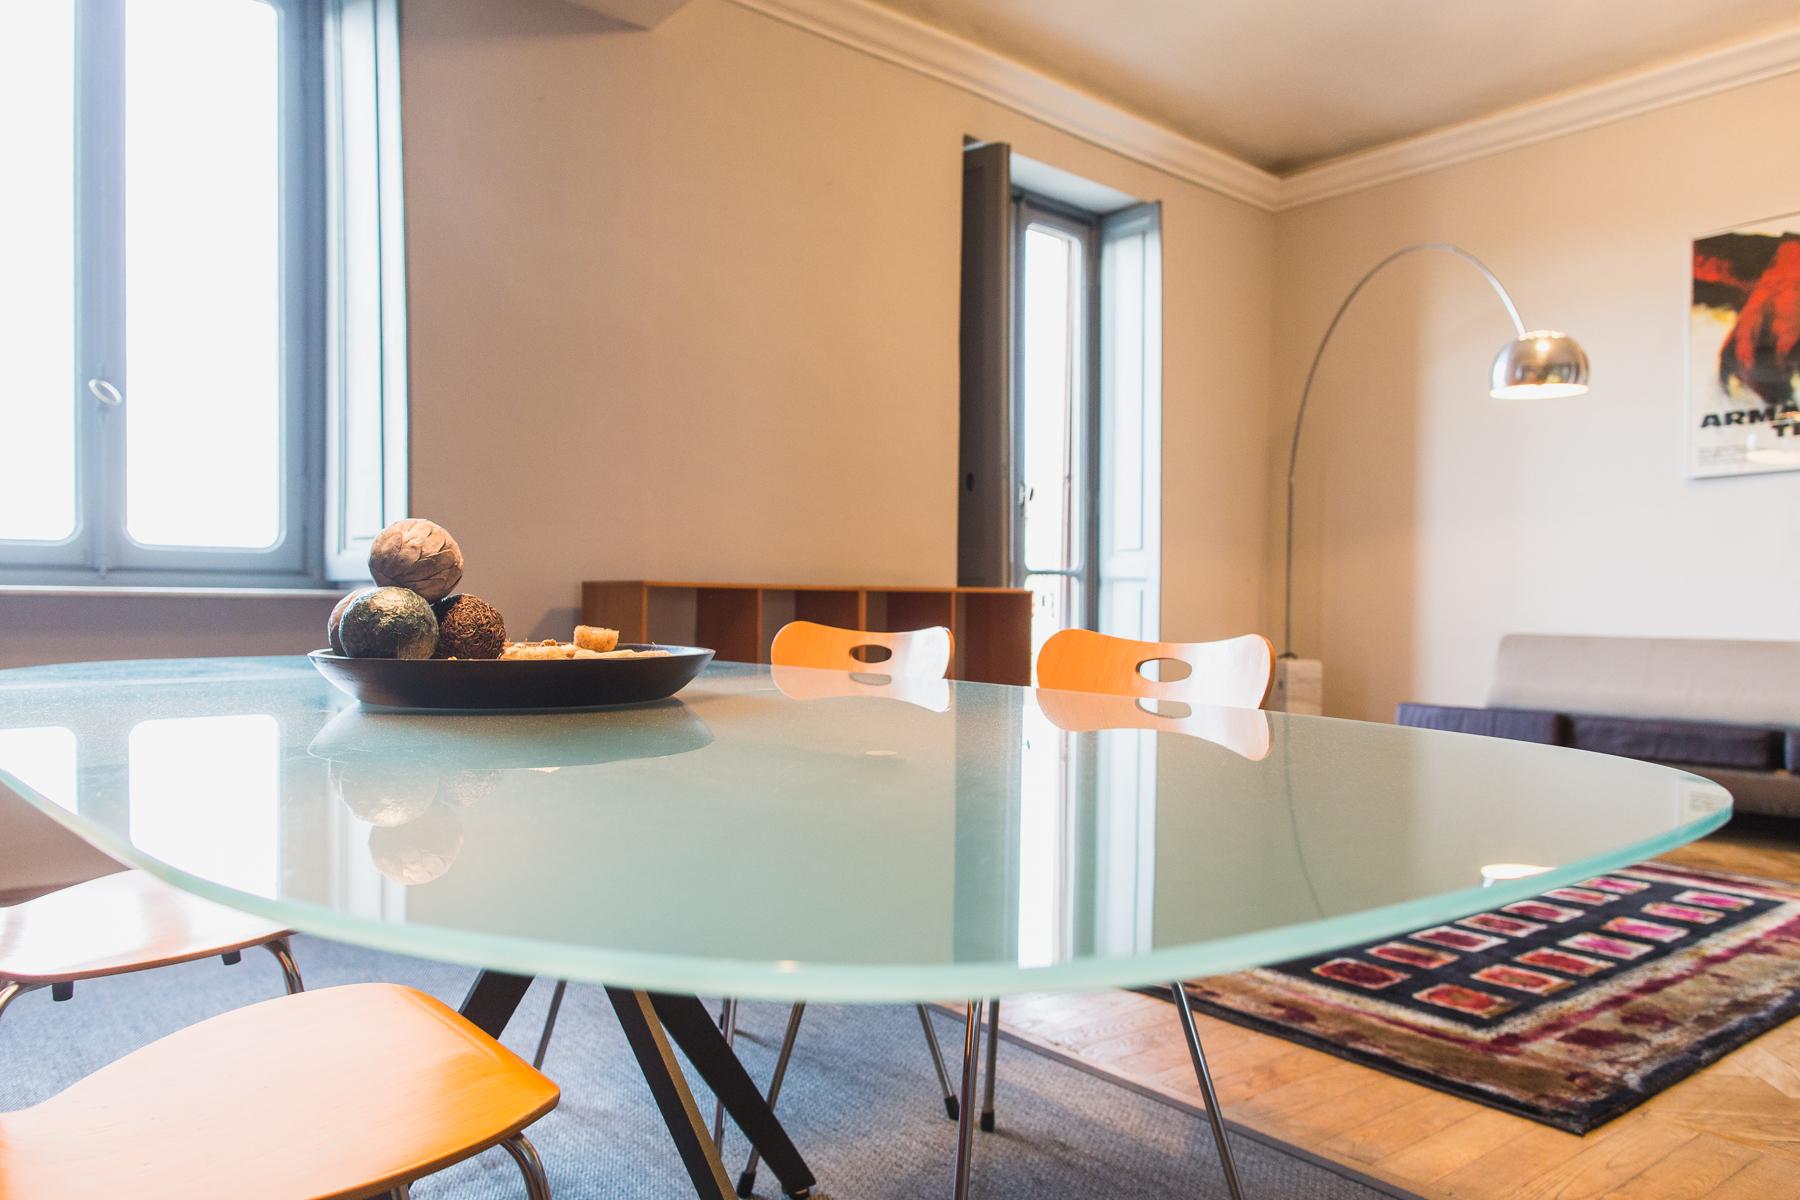 Appartamento in Vendita a Torino: 4 locali, 110 mq - Foto 7